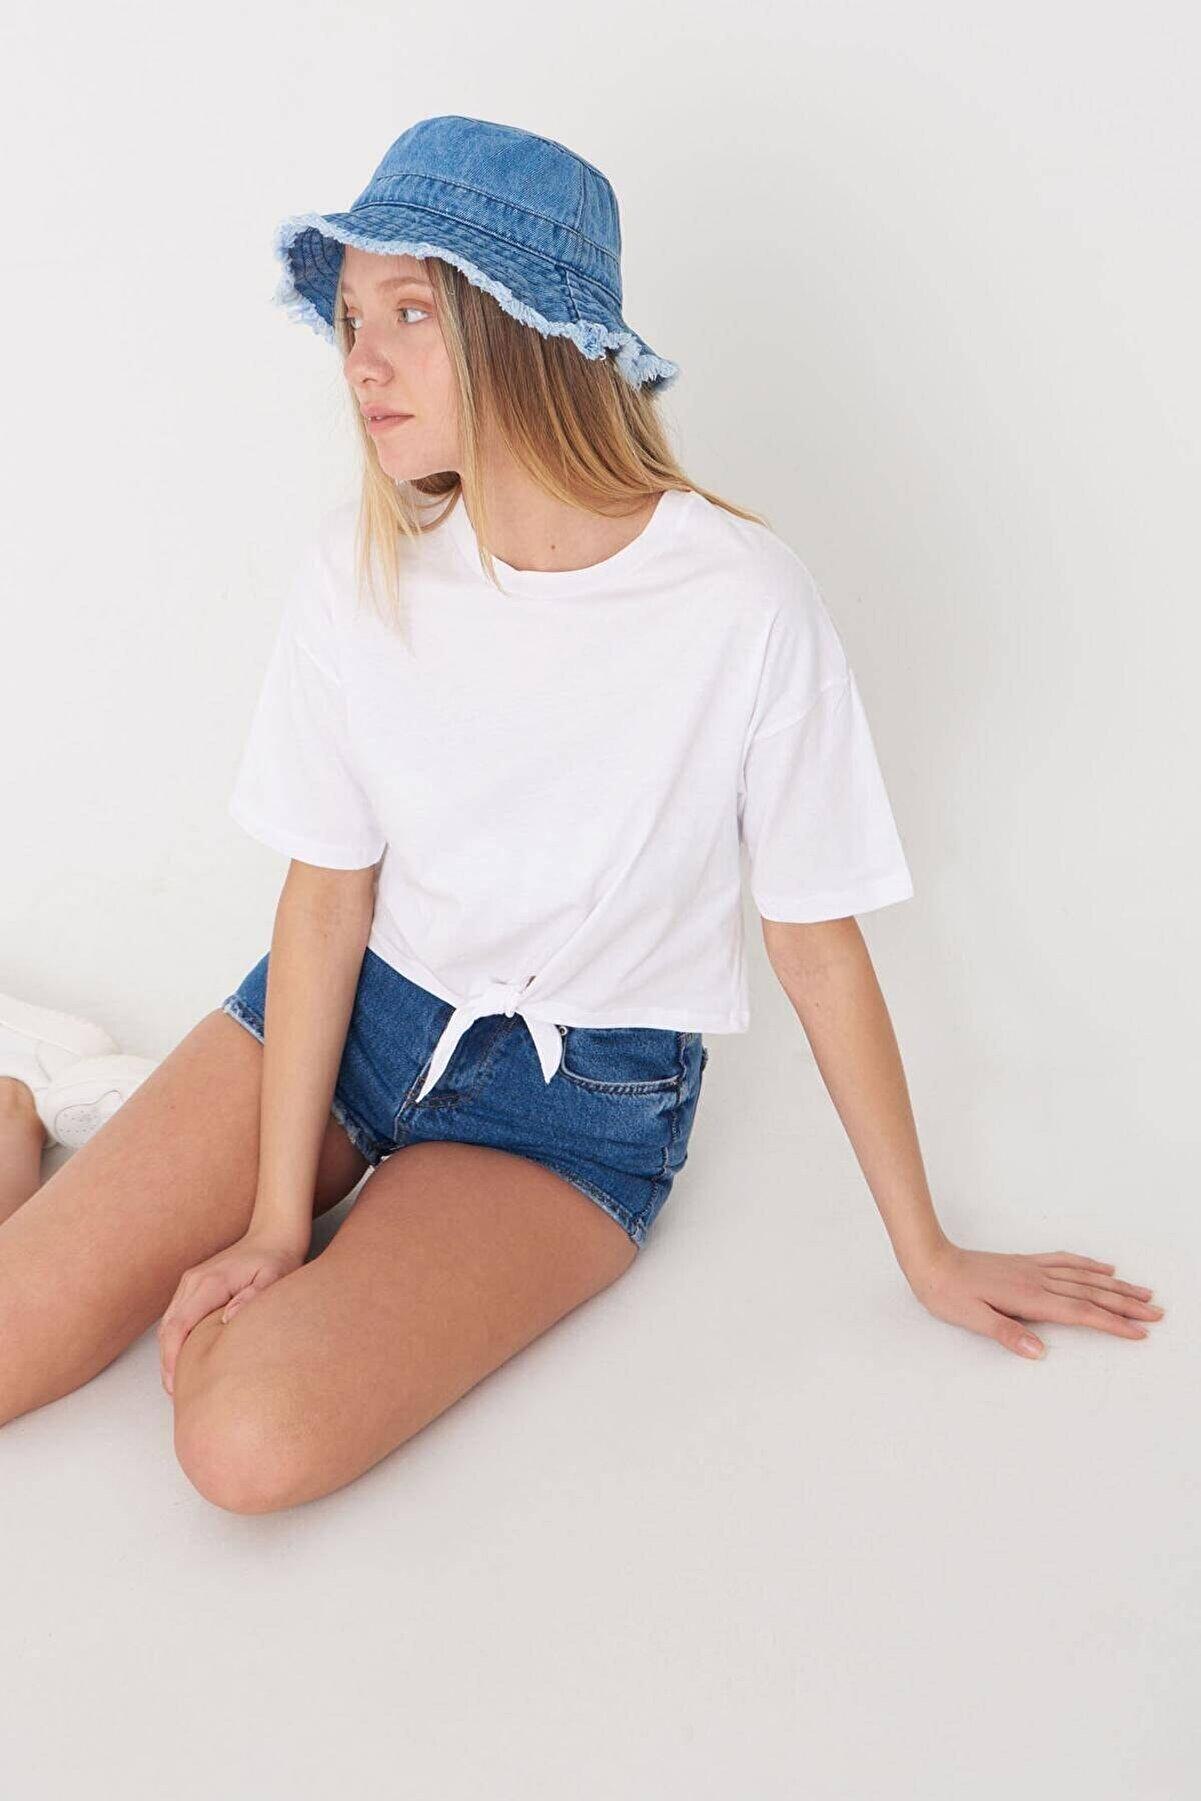 Addax Kadın Beyaz Önden Bağlamalı Basic T-Shirt P0664 - C13 Adx-0000019040